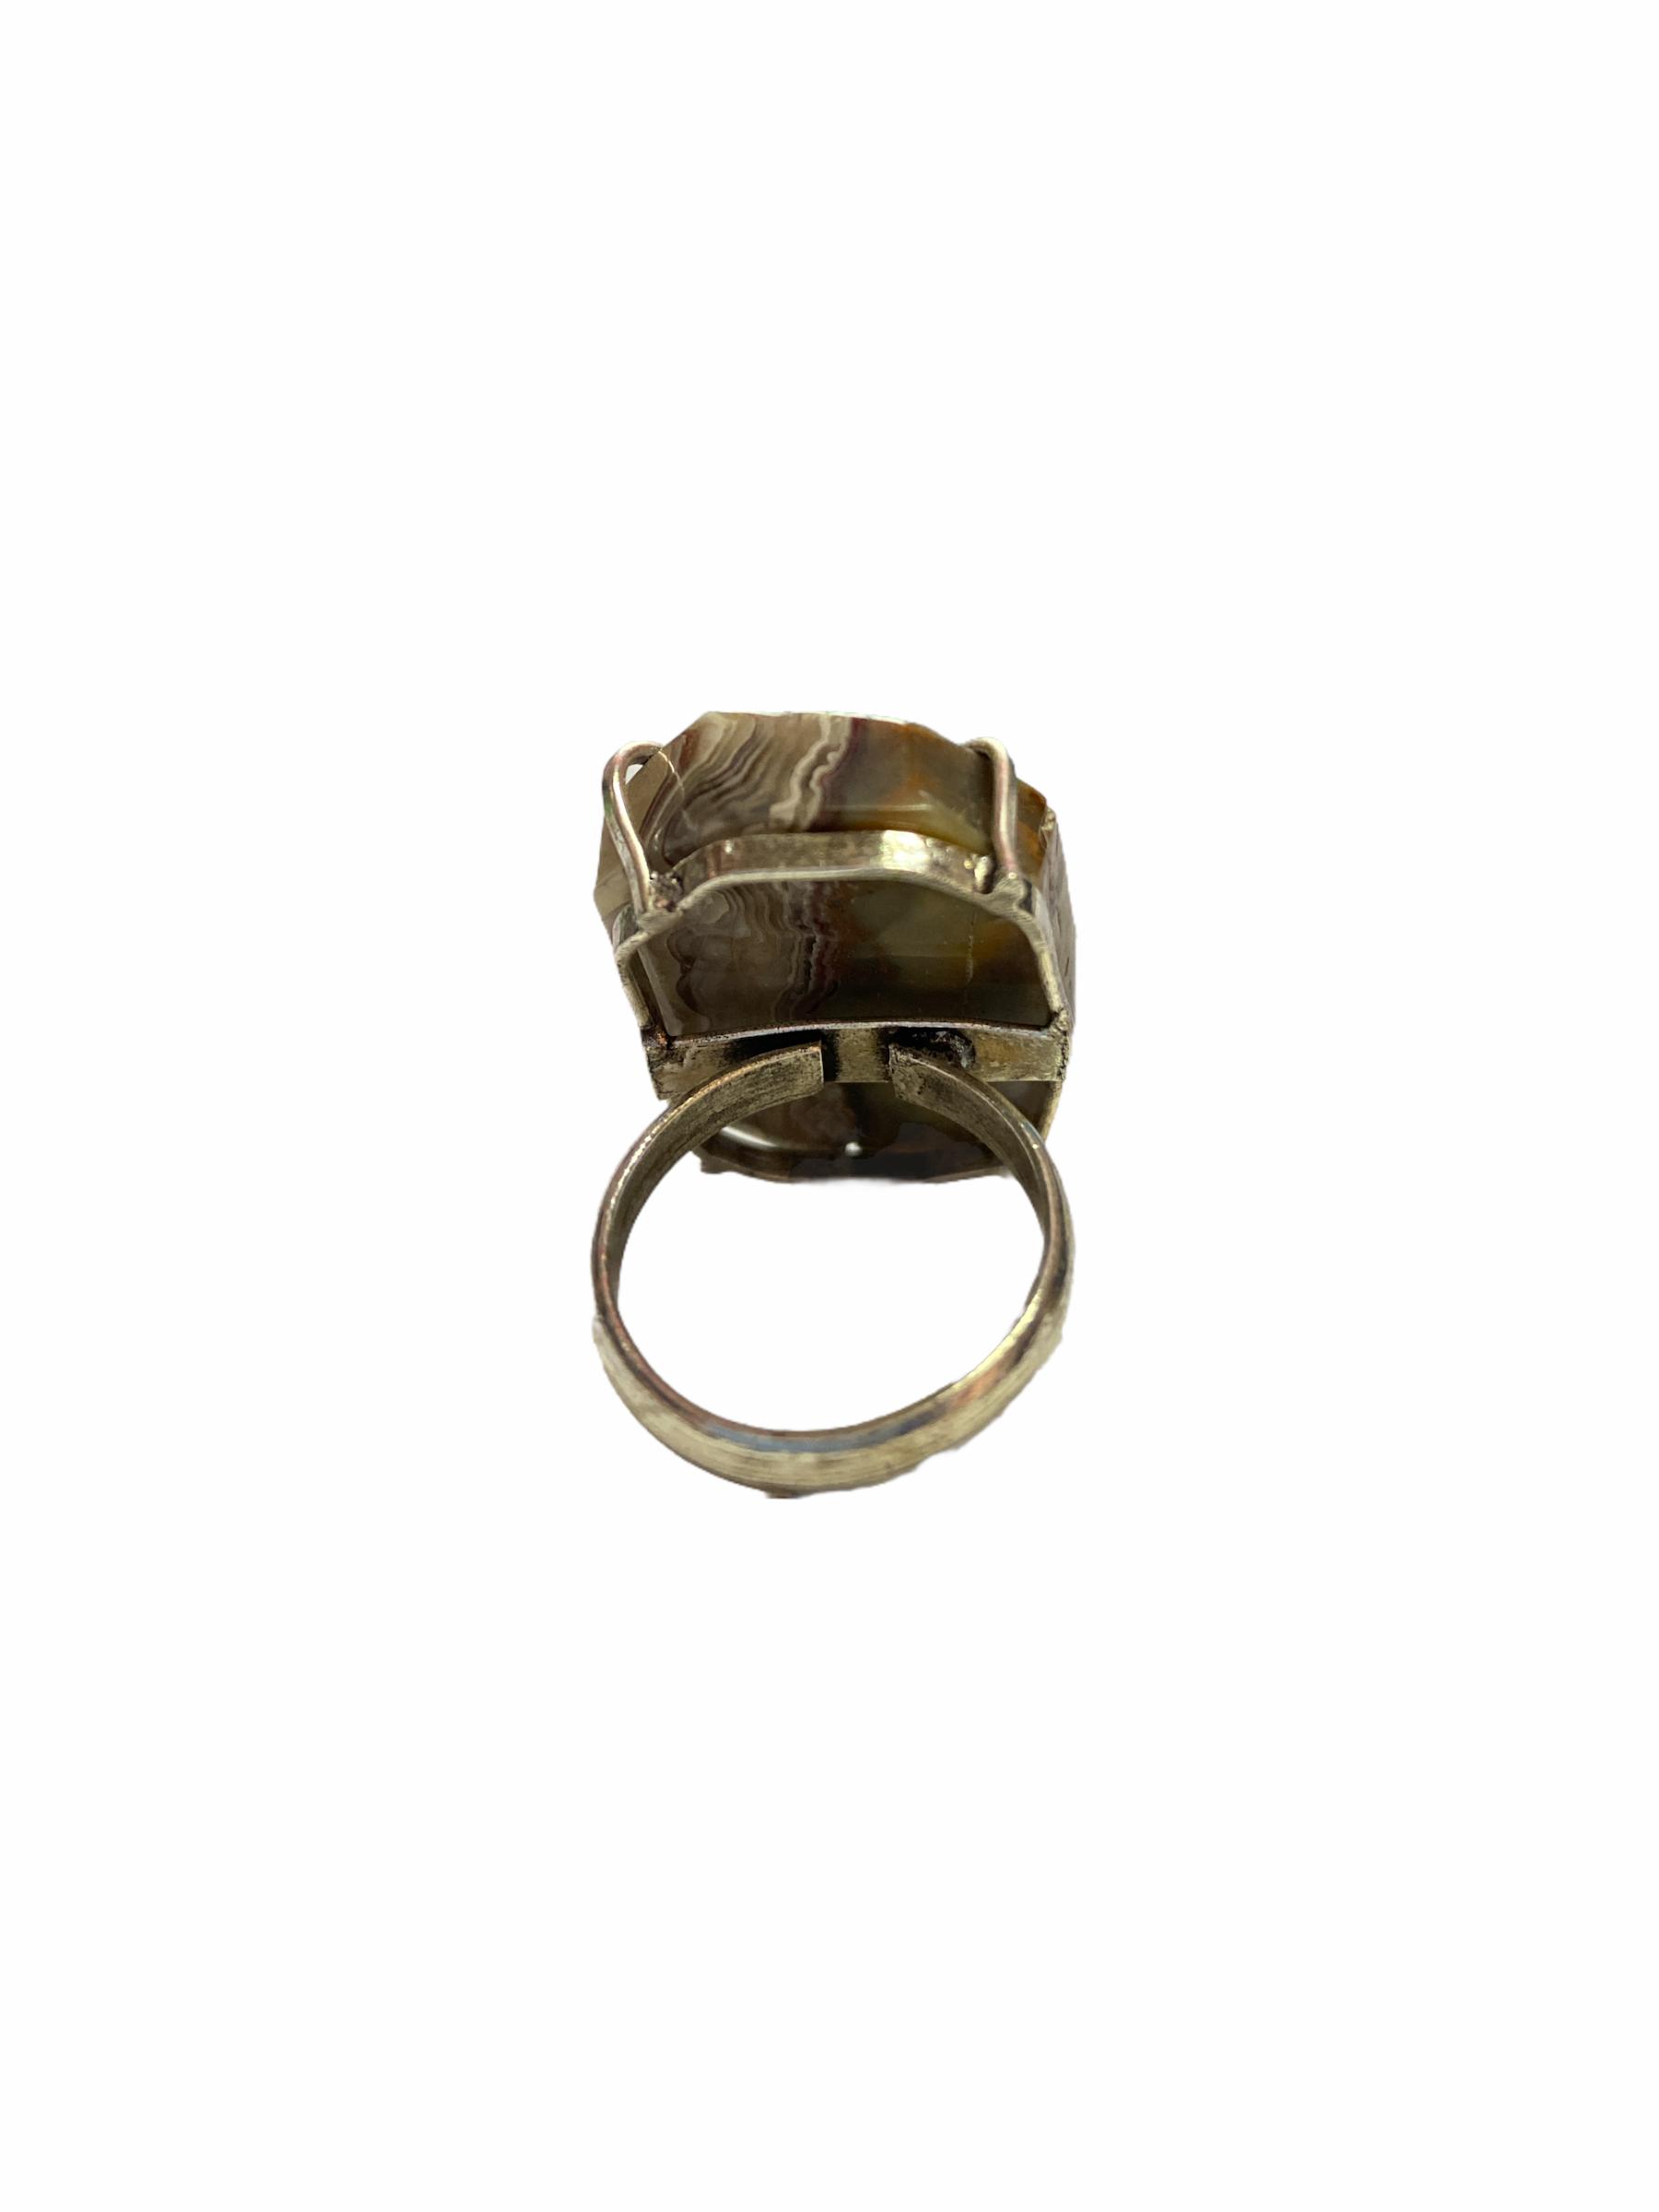 Δαχτυλίδι Χειροποίητο Ακατέργαστο Με Αχάτη Ασημί